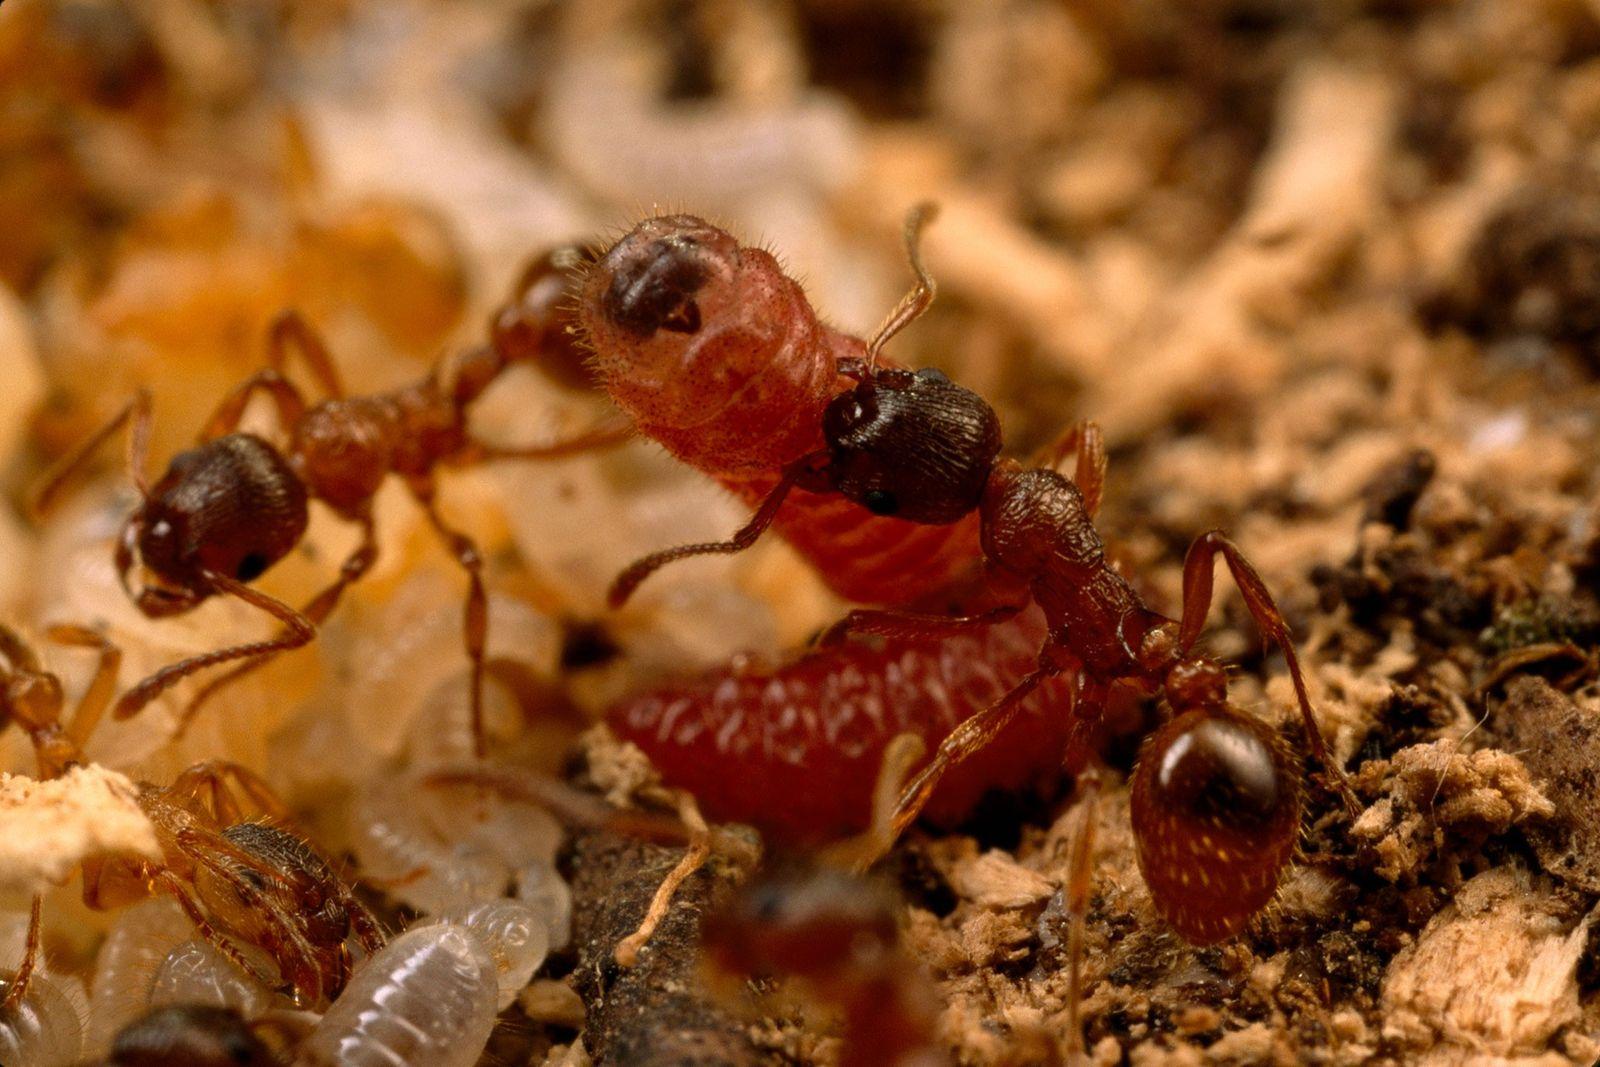 Ameisen der Gattung Myrmica kümmern sich um eine Raupe des Lungenenzian-Ameisenbläulings.